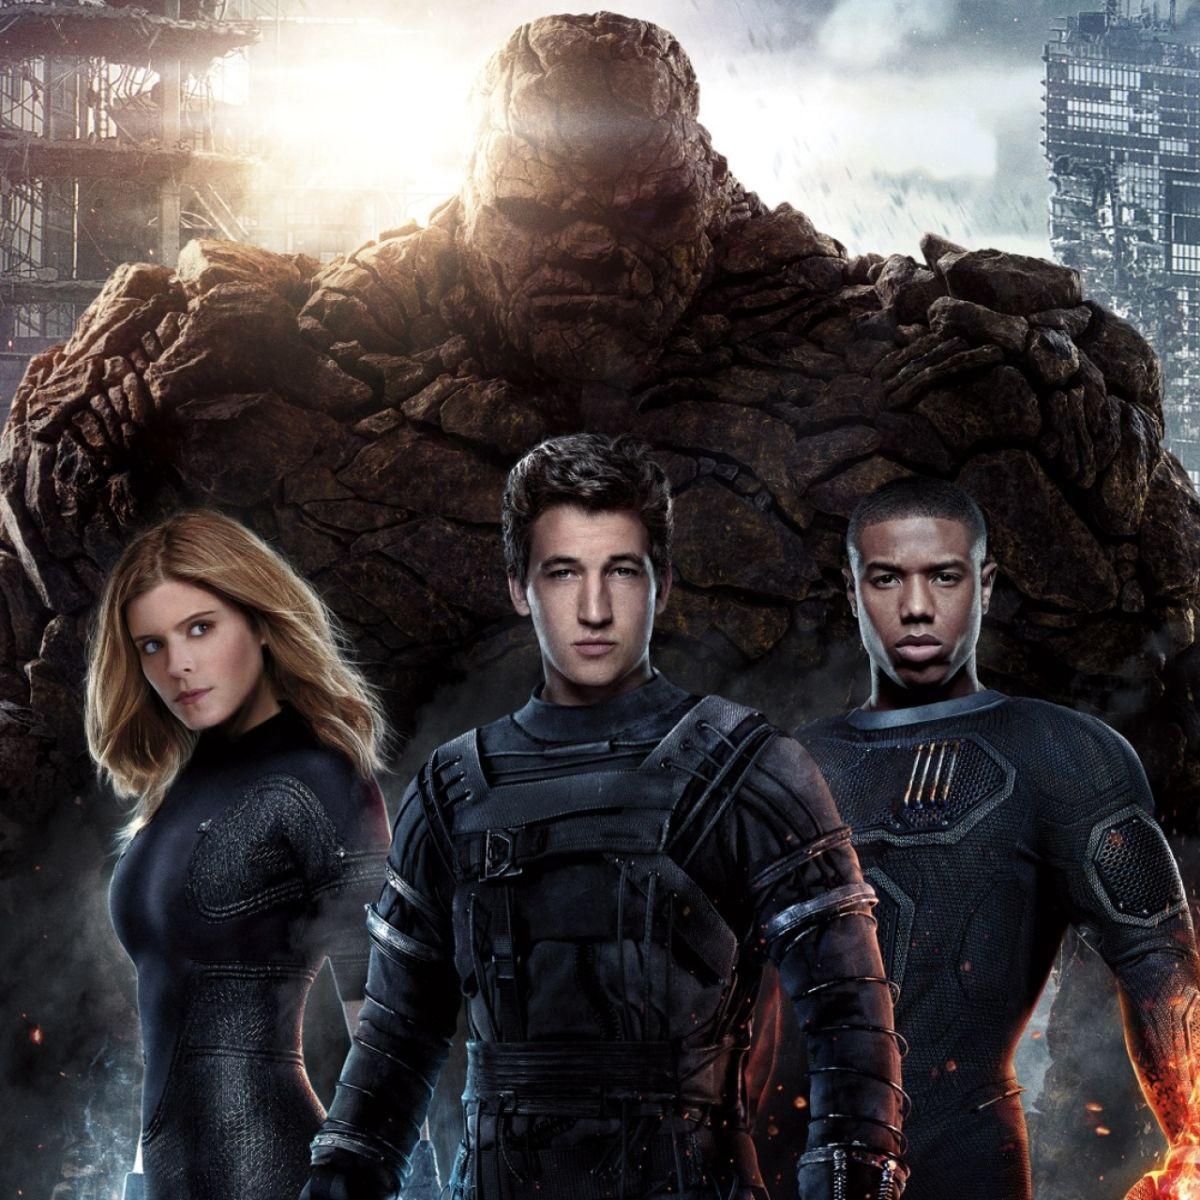 'Fantastic Four' fracasó el pasado fin de semana en las taquillas del país.